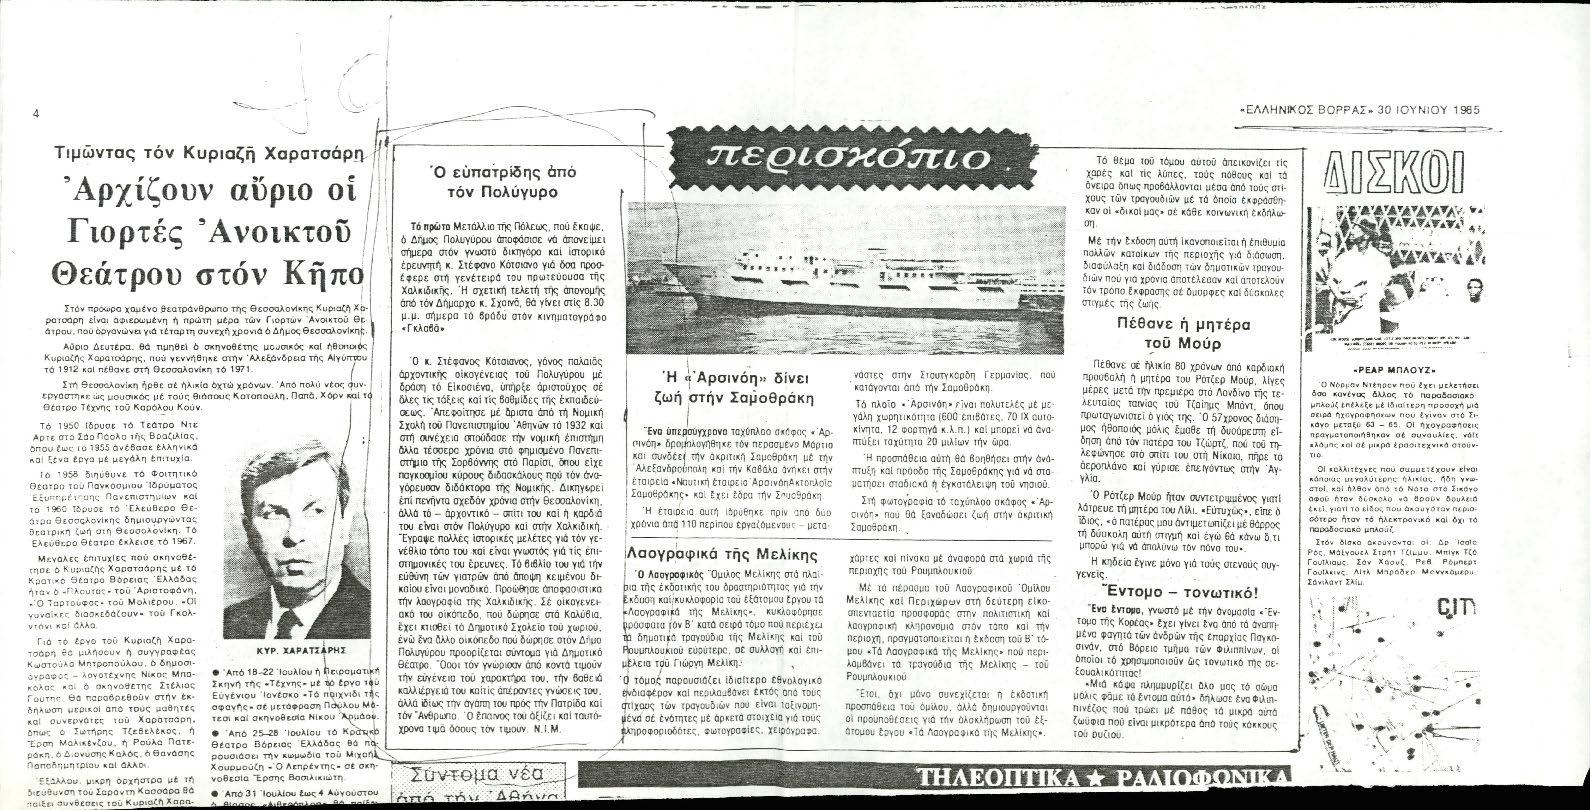 Αποκόμματα Εφημερίδων Διάφορα Νο 80